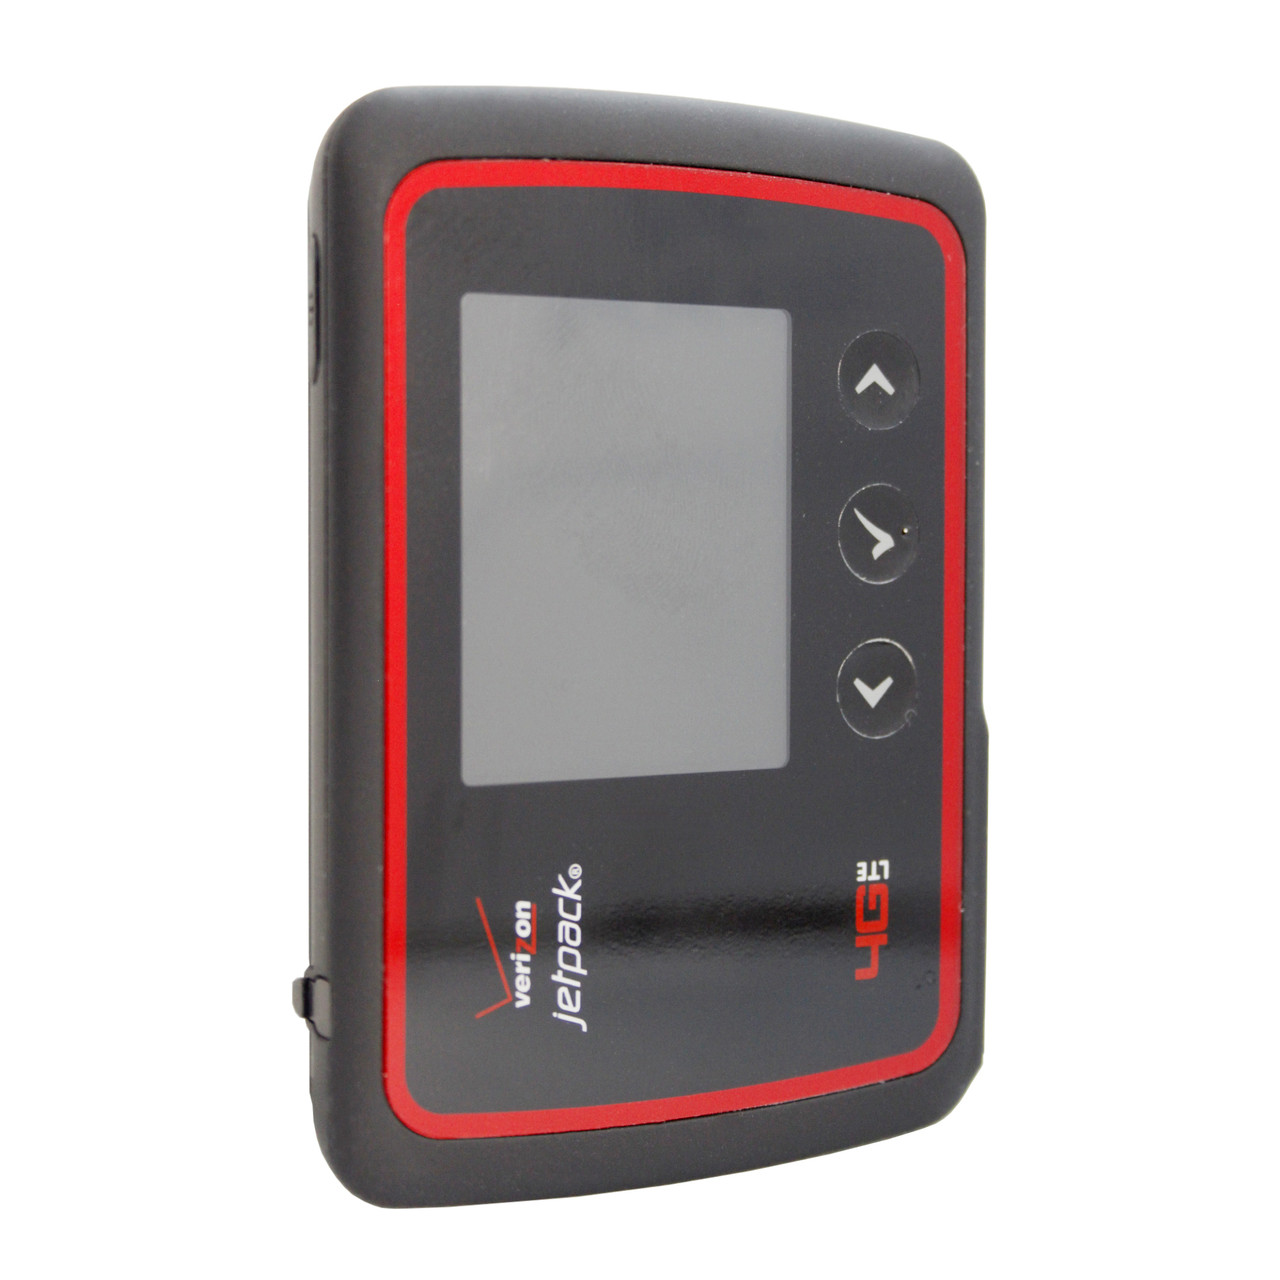 Мобильный роутеру Novatel 6620L 3G/4G CDMA (872231)